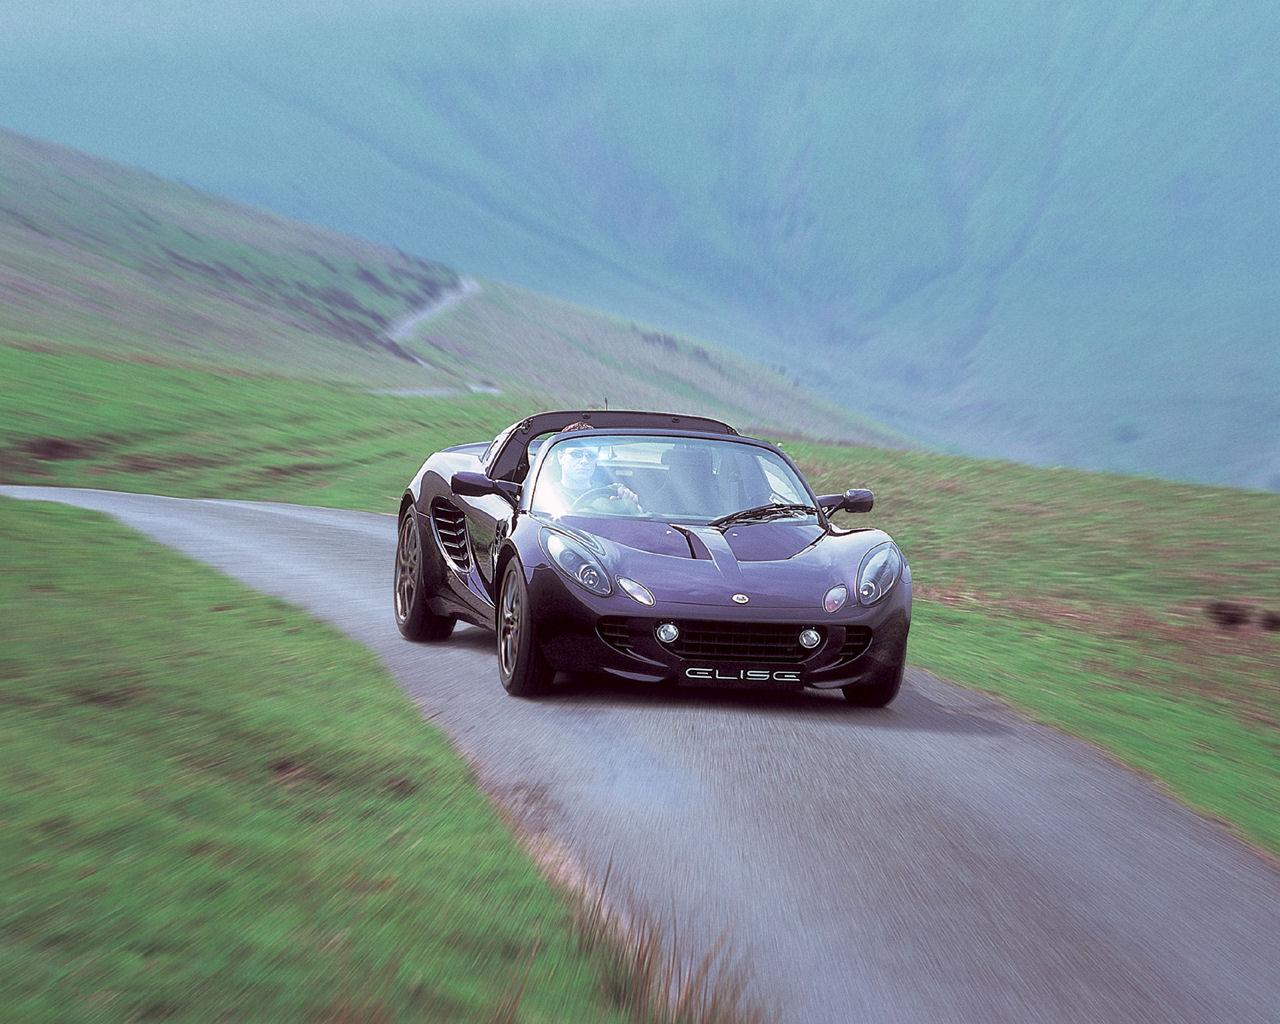 Lotus Elise Sc Supercharged 111r Free 1280x1024